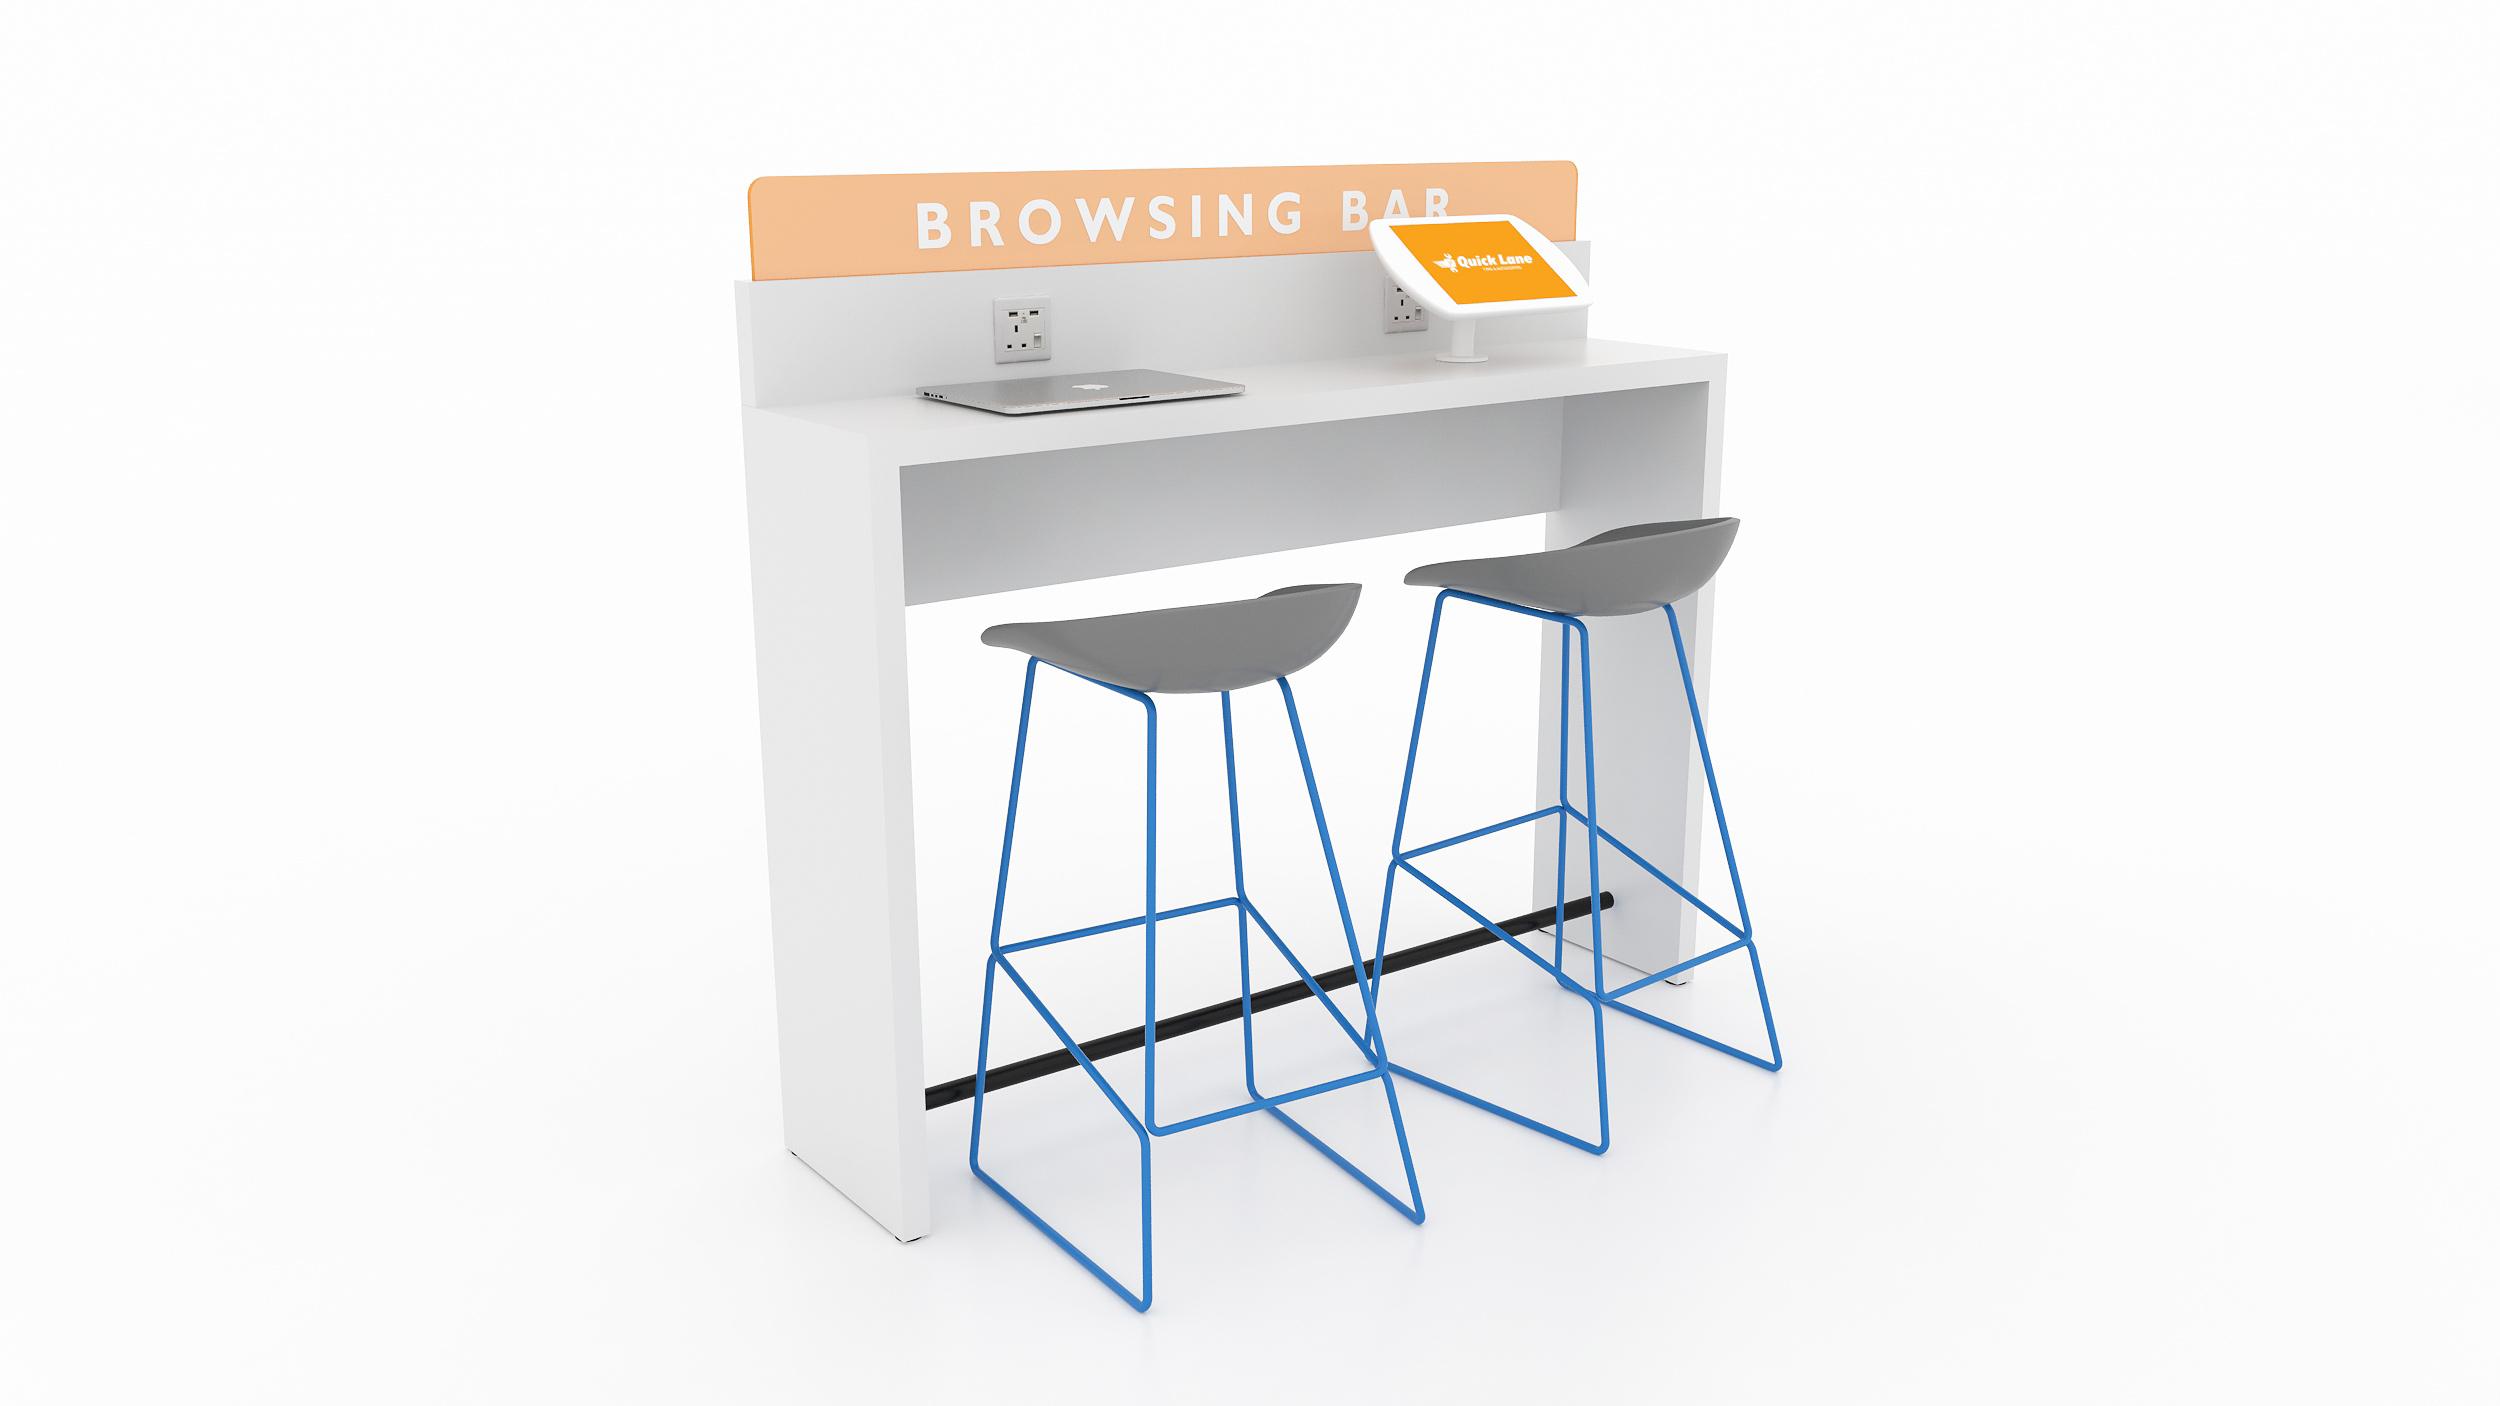 APS_QuickLane_Browsing Bar.jpg